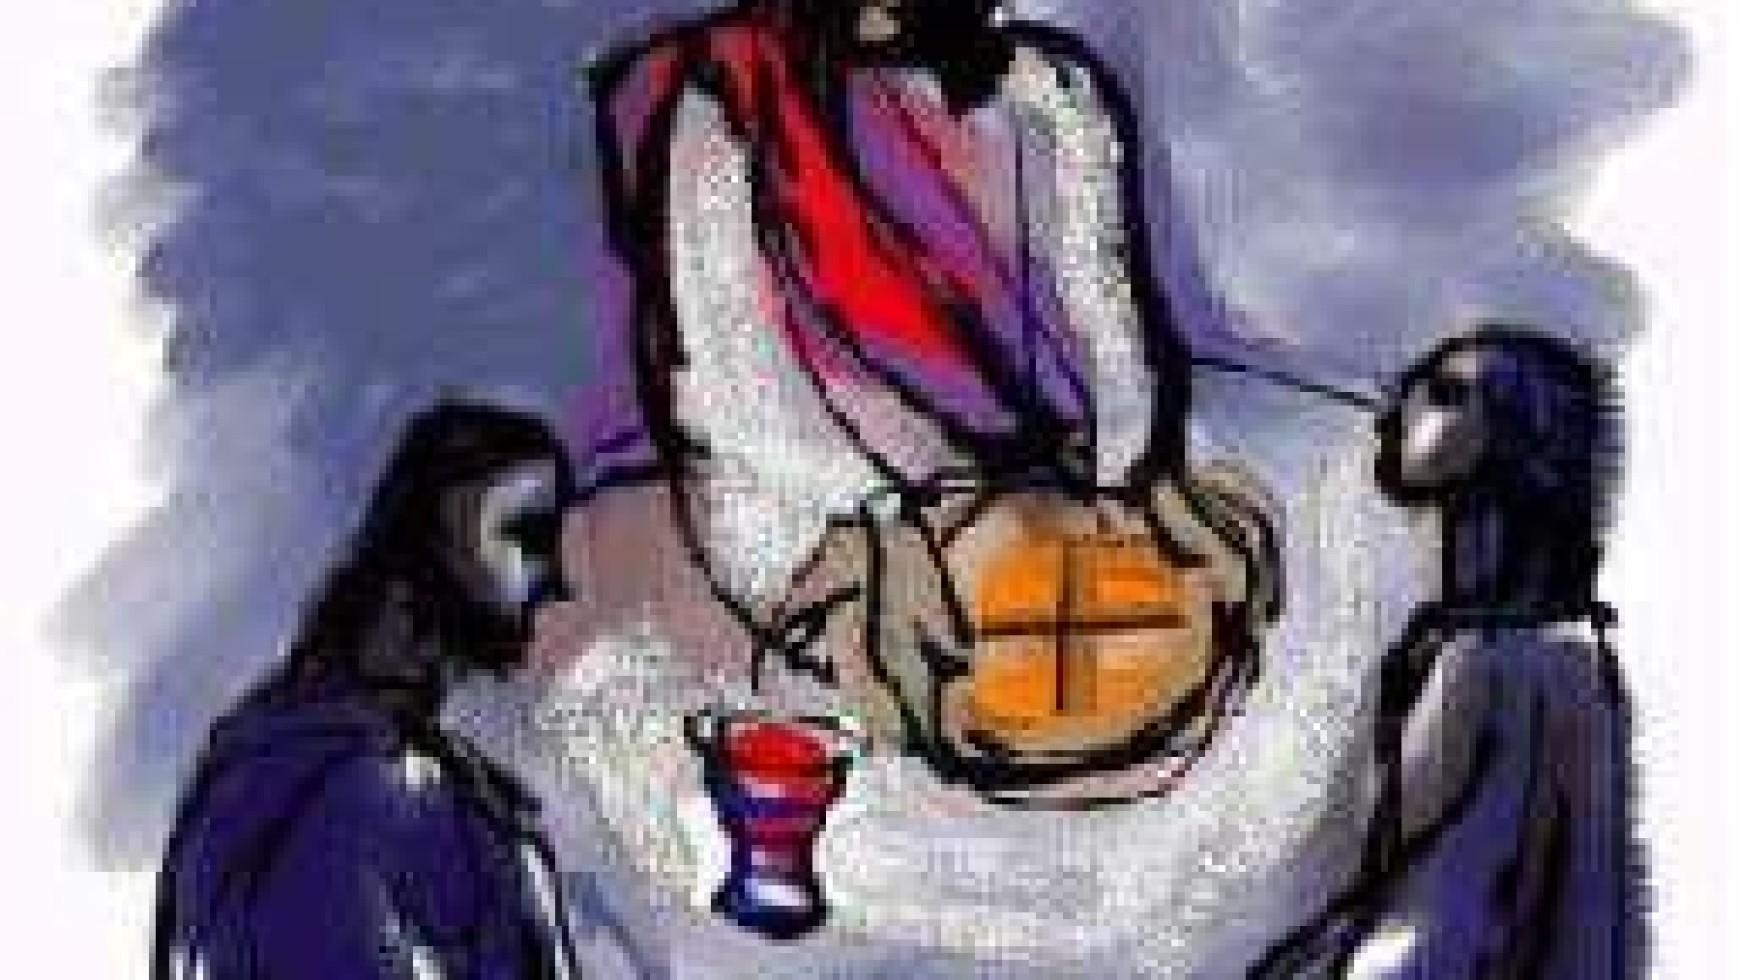 Boletin: Grandes momentos entorno a una buena mesa (22/07/2012)